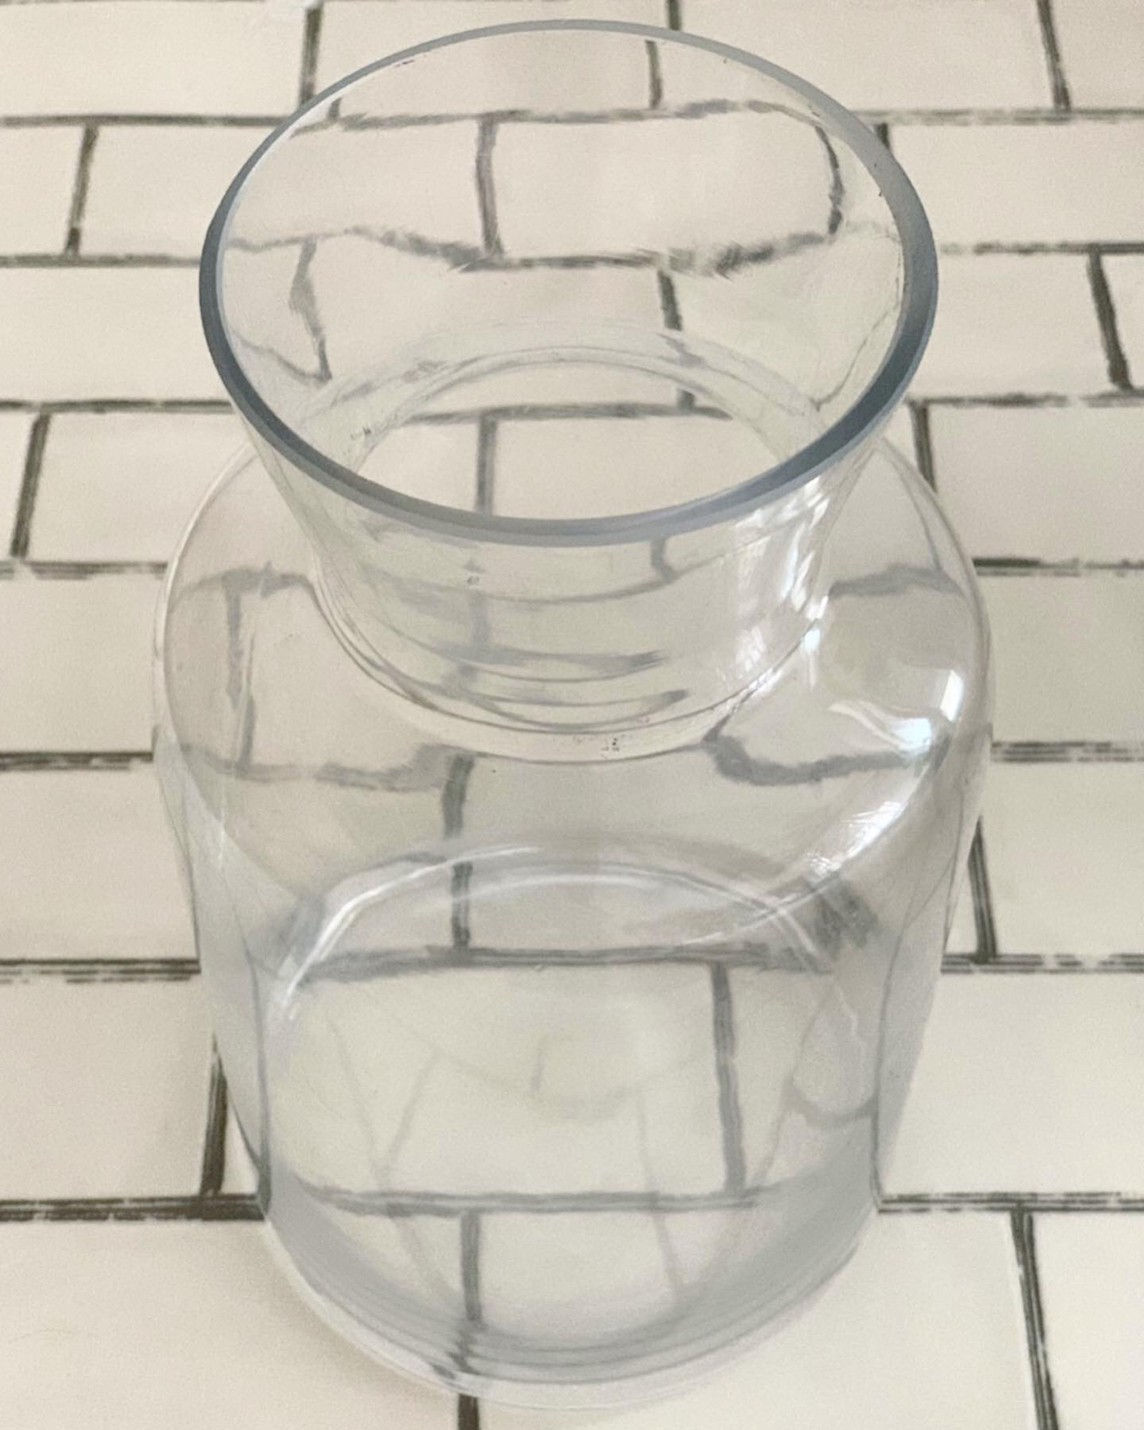 くびれガラス瓶(高さ26cm)